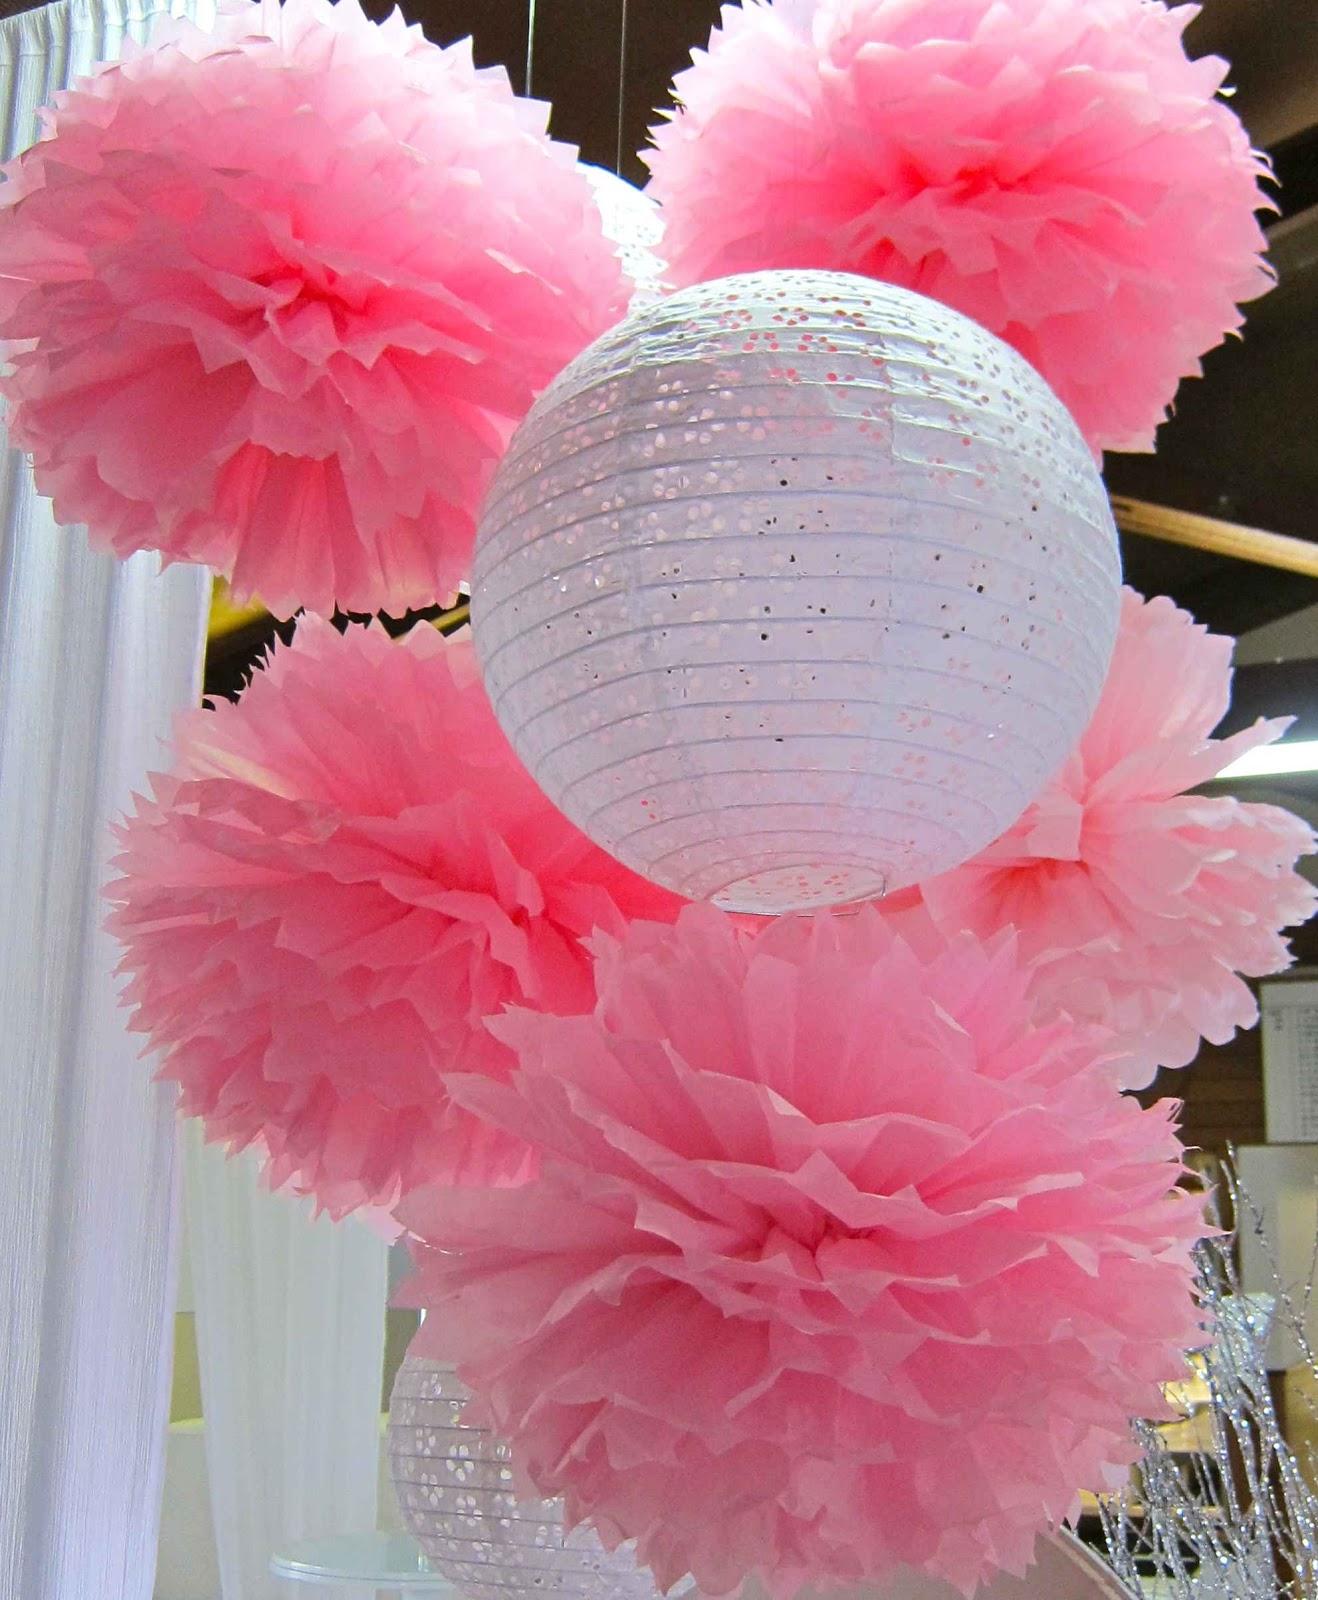 http://3.bp.blogspot.com/-dA2OQxyQE8I/UStPVb3xvpI/AAAAAAAAAKI/1KZEAB9pbDY/s1600/Pink&Lace2.jpg